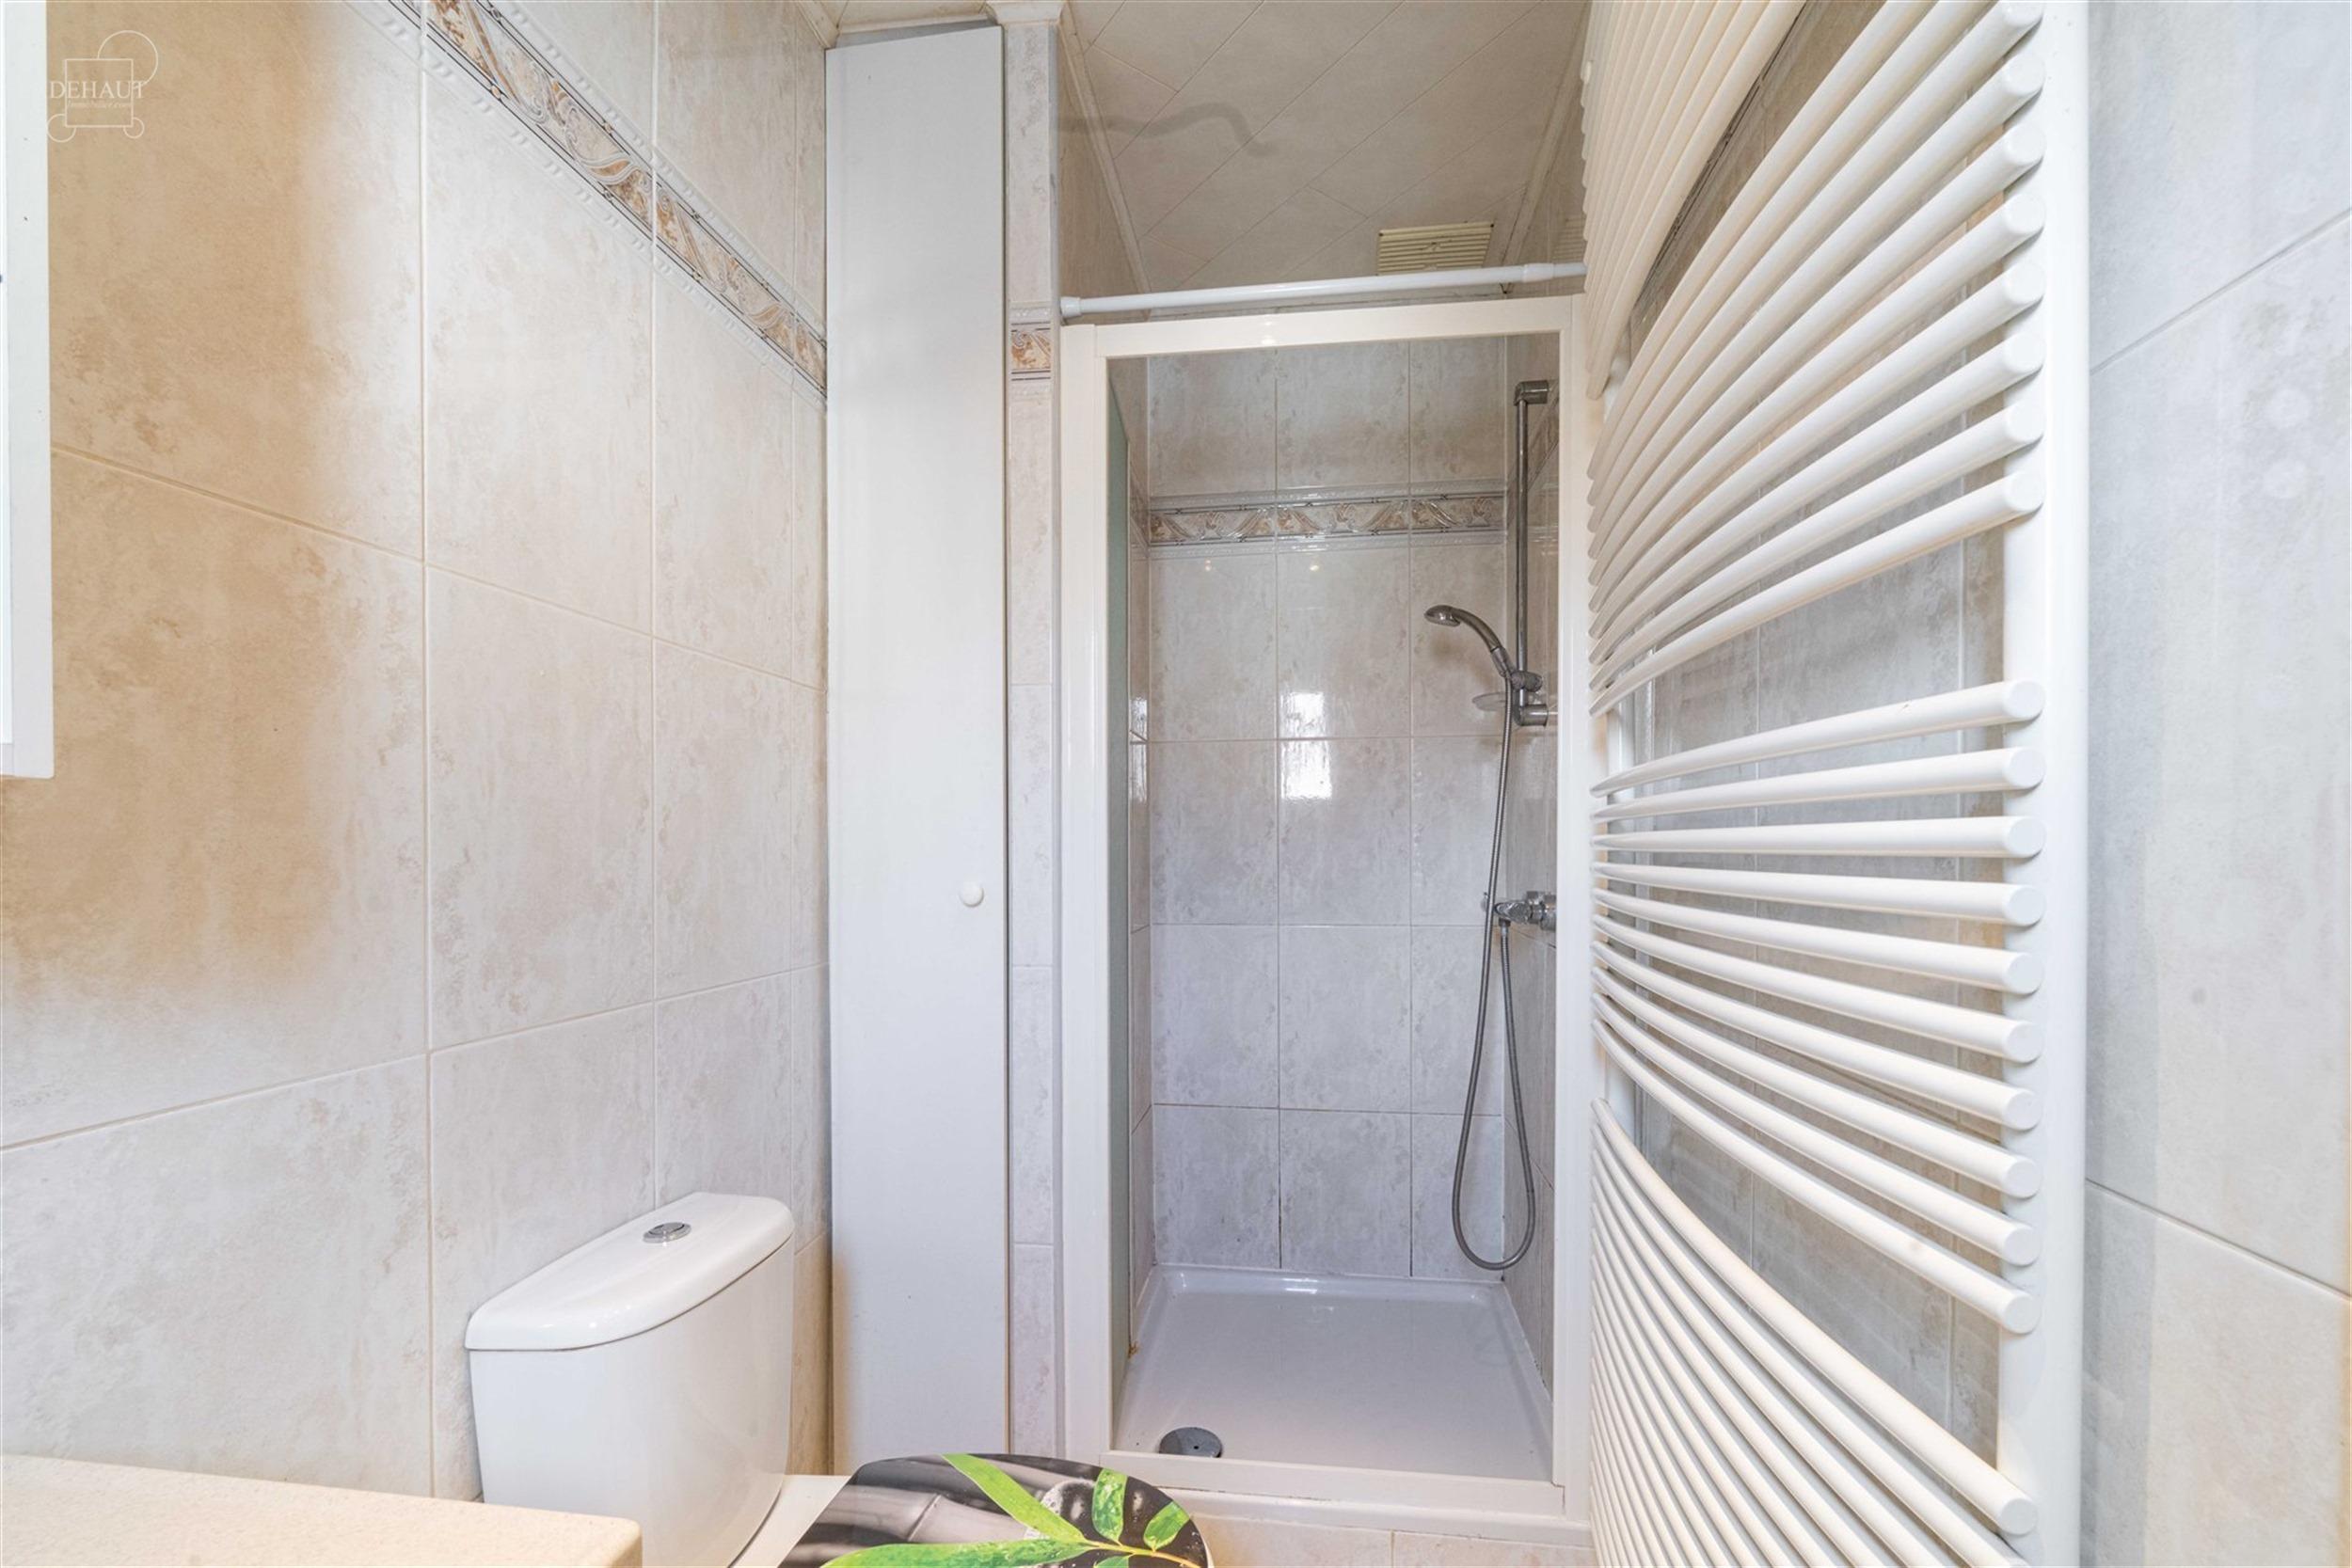 Maison de ville proposant un hall d'entrée, un séjour d'env. 29.20m², une cuisine équipée, salle de bain avec douche, meuble vasque et WC, 2 cham...